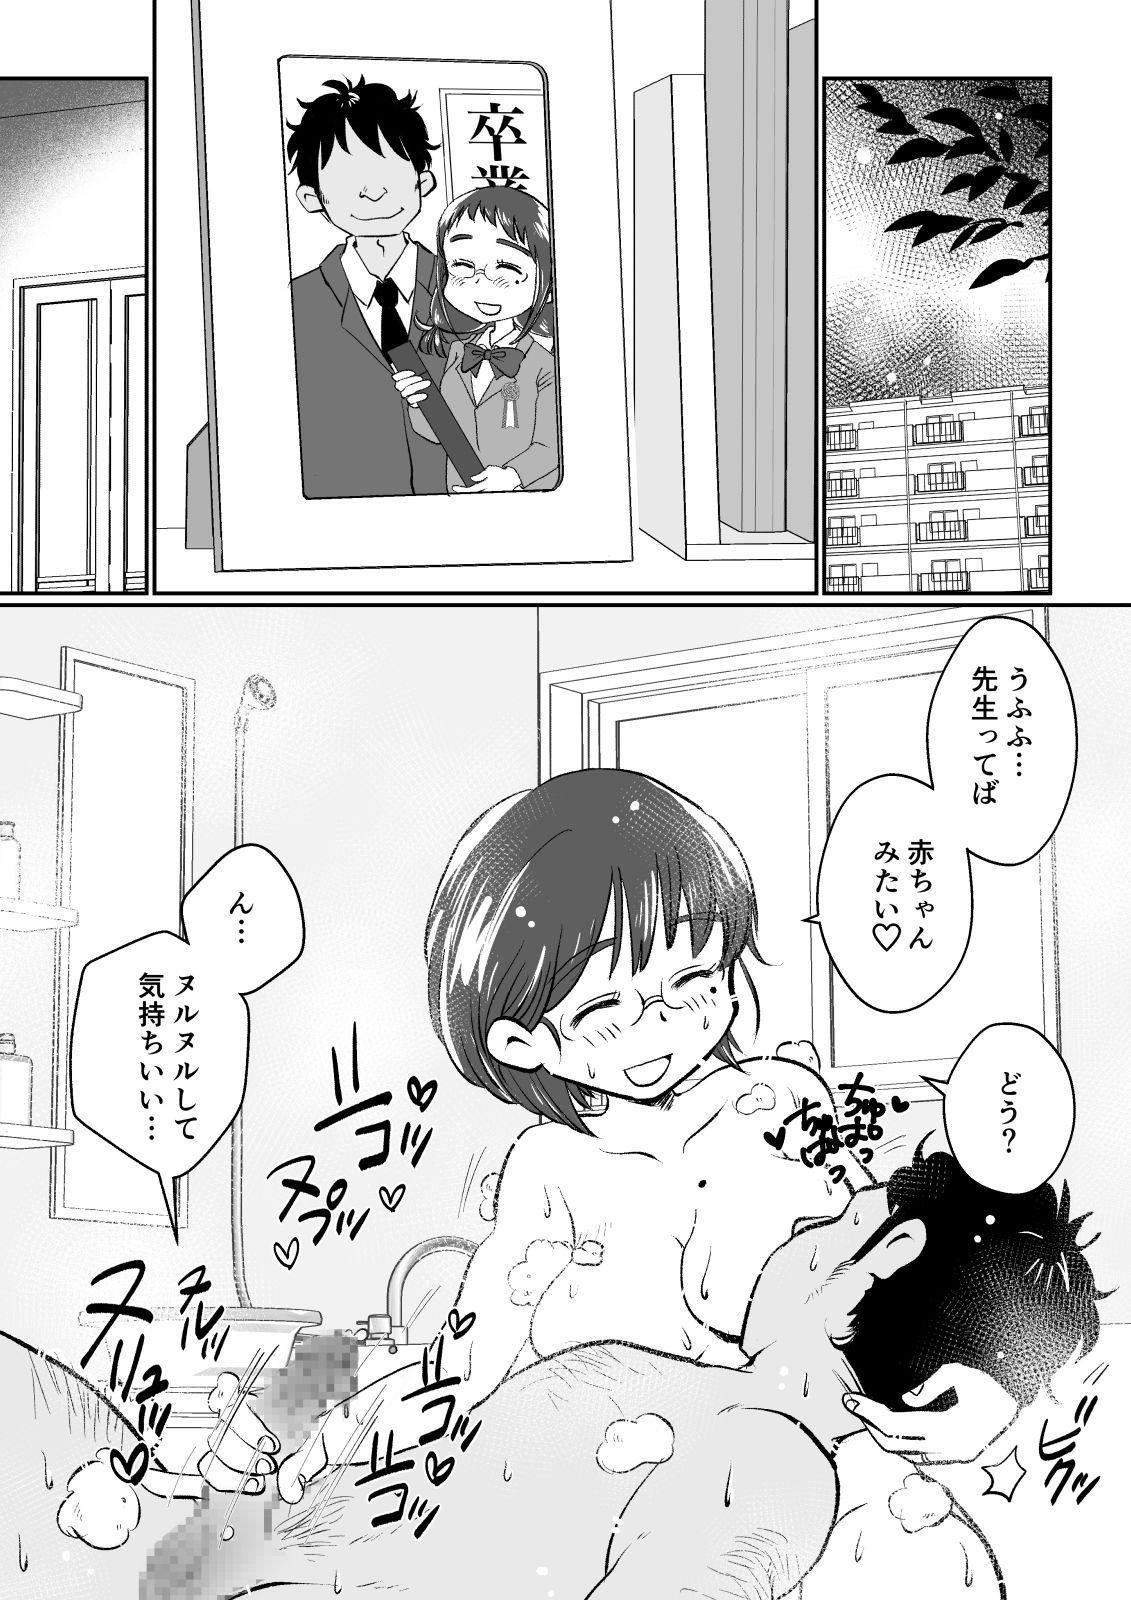 [Megitsune Works] Wakazuma-san wa Yokkyuu Fuman! Akogare no Shisho no Wakazuma-san ga Gakusei Beit no Boku no Fudeoroshi o Shite kuremashita. 6